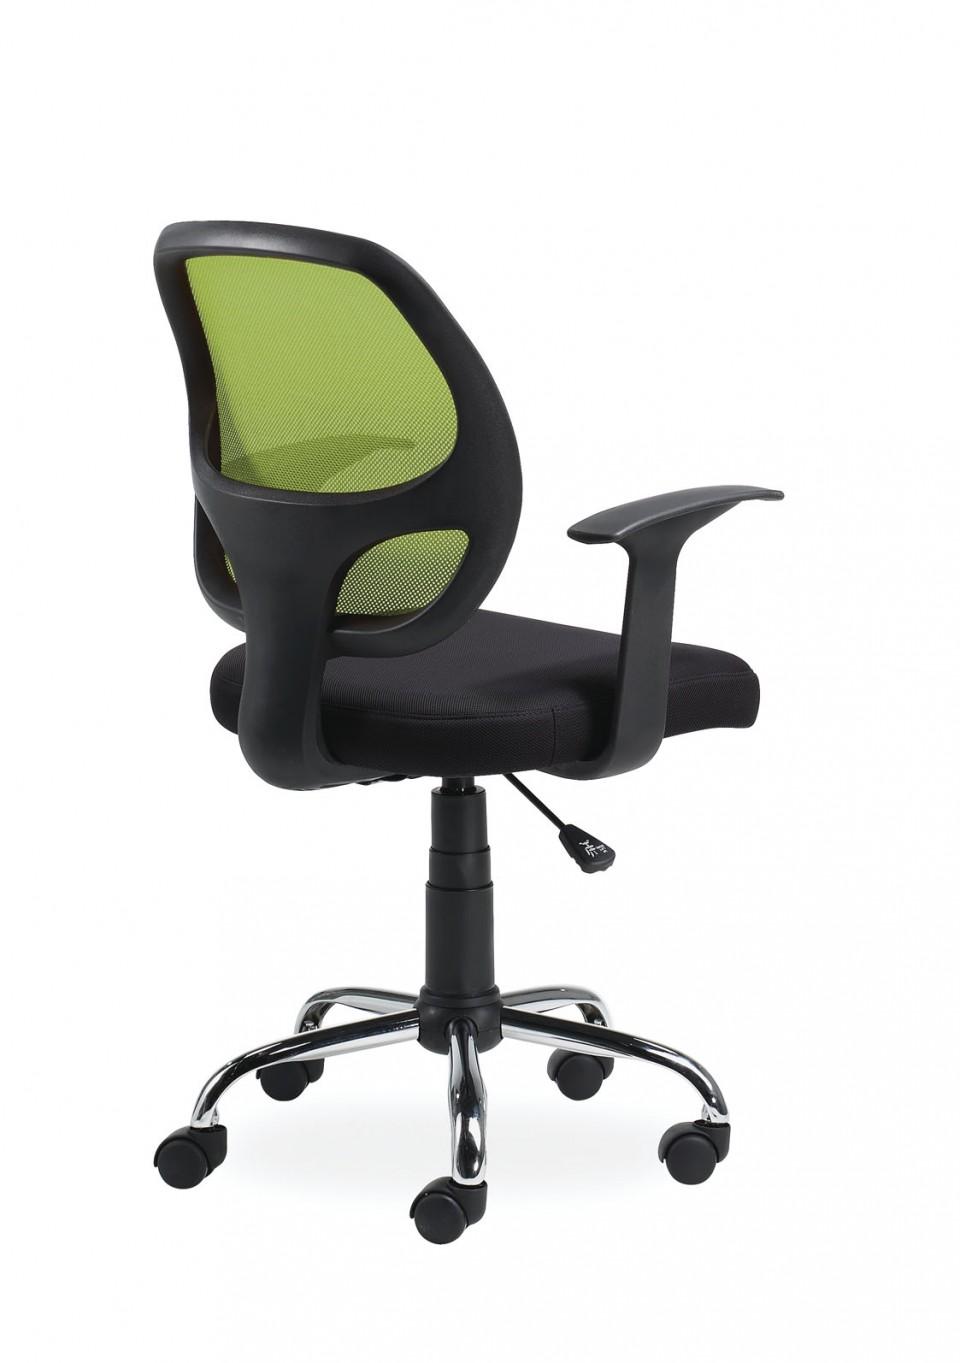 Fauteuil tami achat si ges de bureau 99 00 - Achat fauteuil de bureau ...